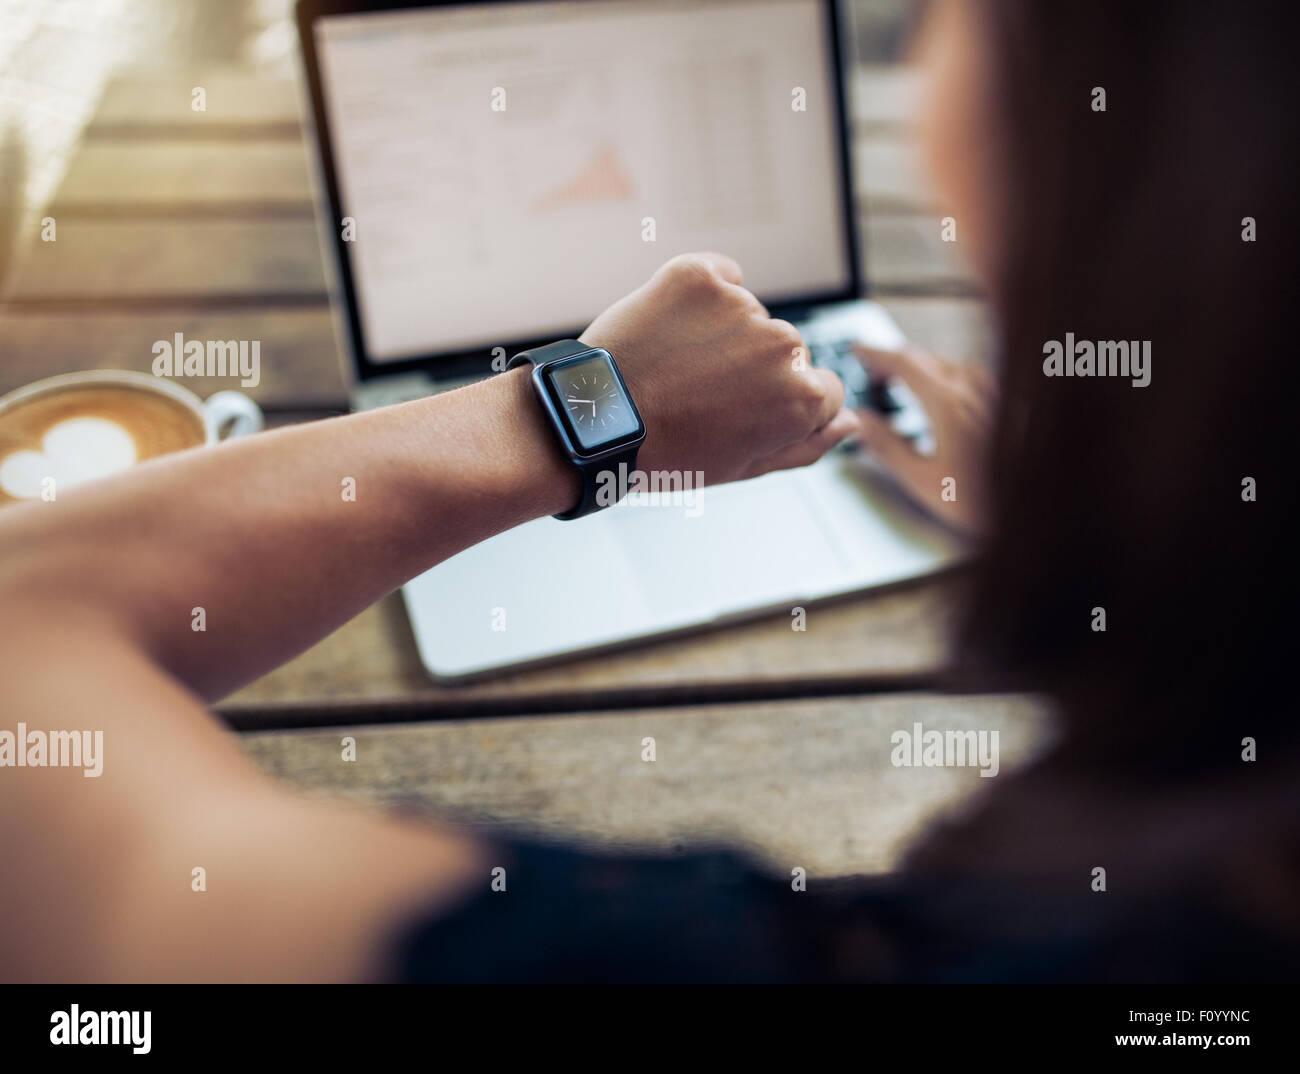 Primer plano de una mujer el tiempo de revisión en su smartwatch. Mujer sentada en la cafetería con un Imagen De Stock